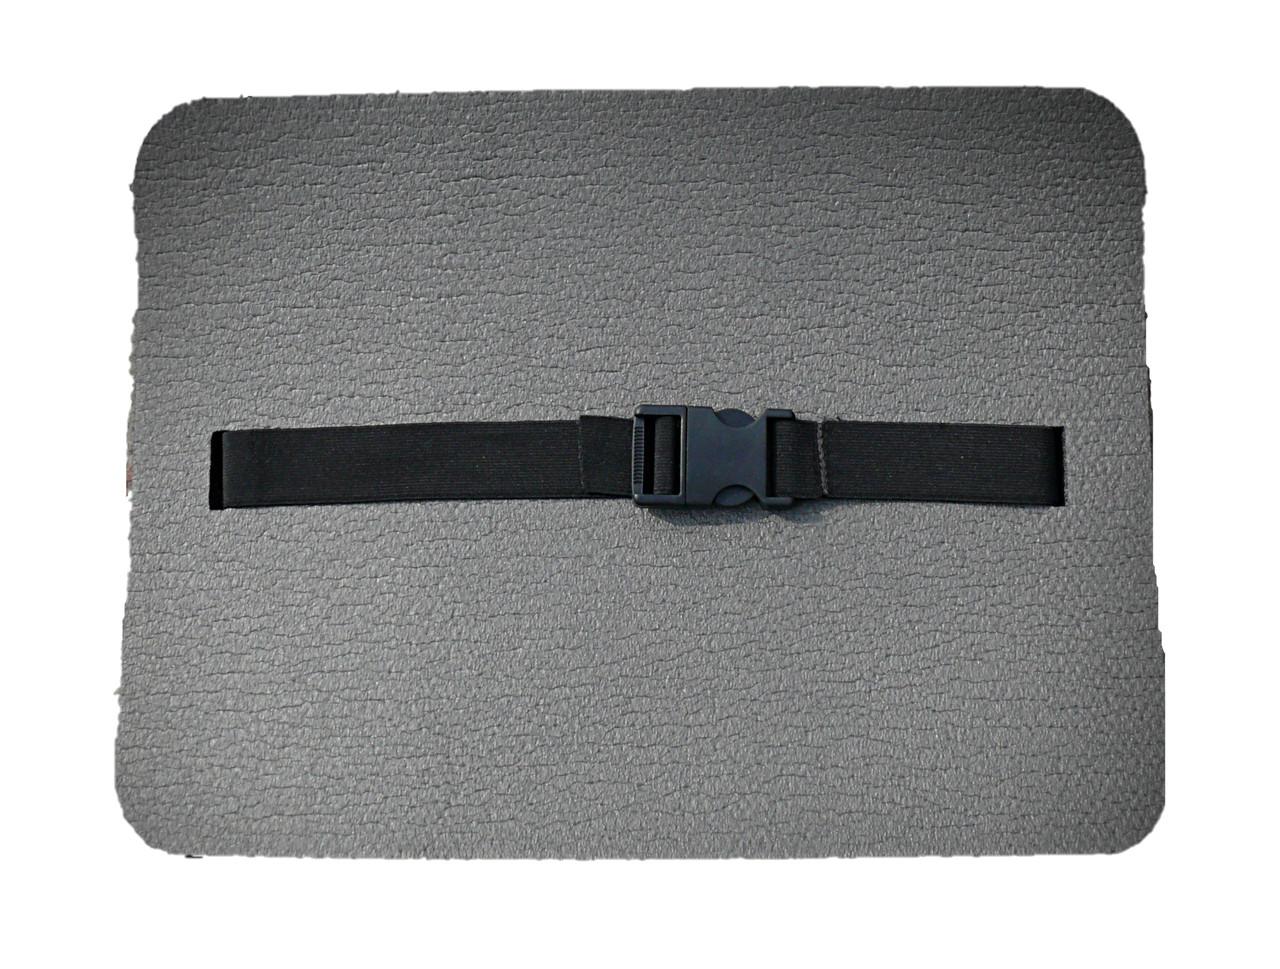 Туристическое сидение, размер 30х40 см, серый,  т. 40 мм, TERMOIZOL®